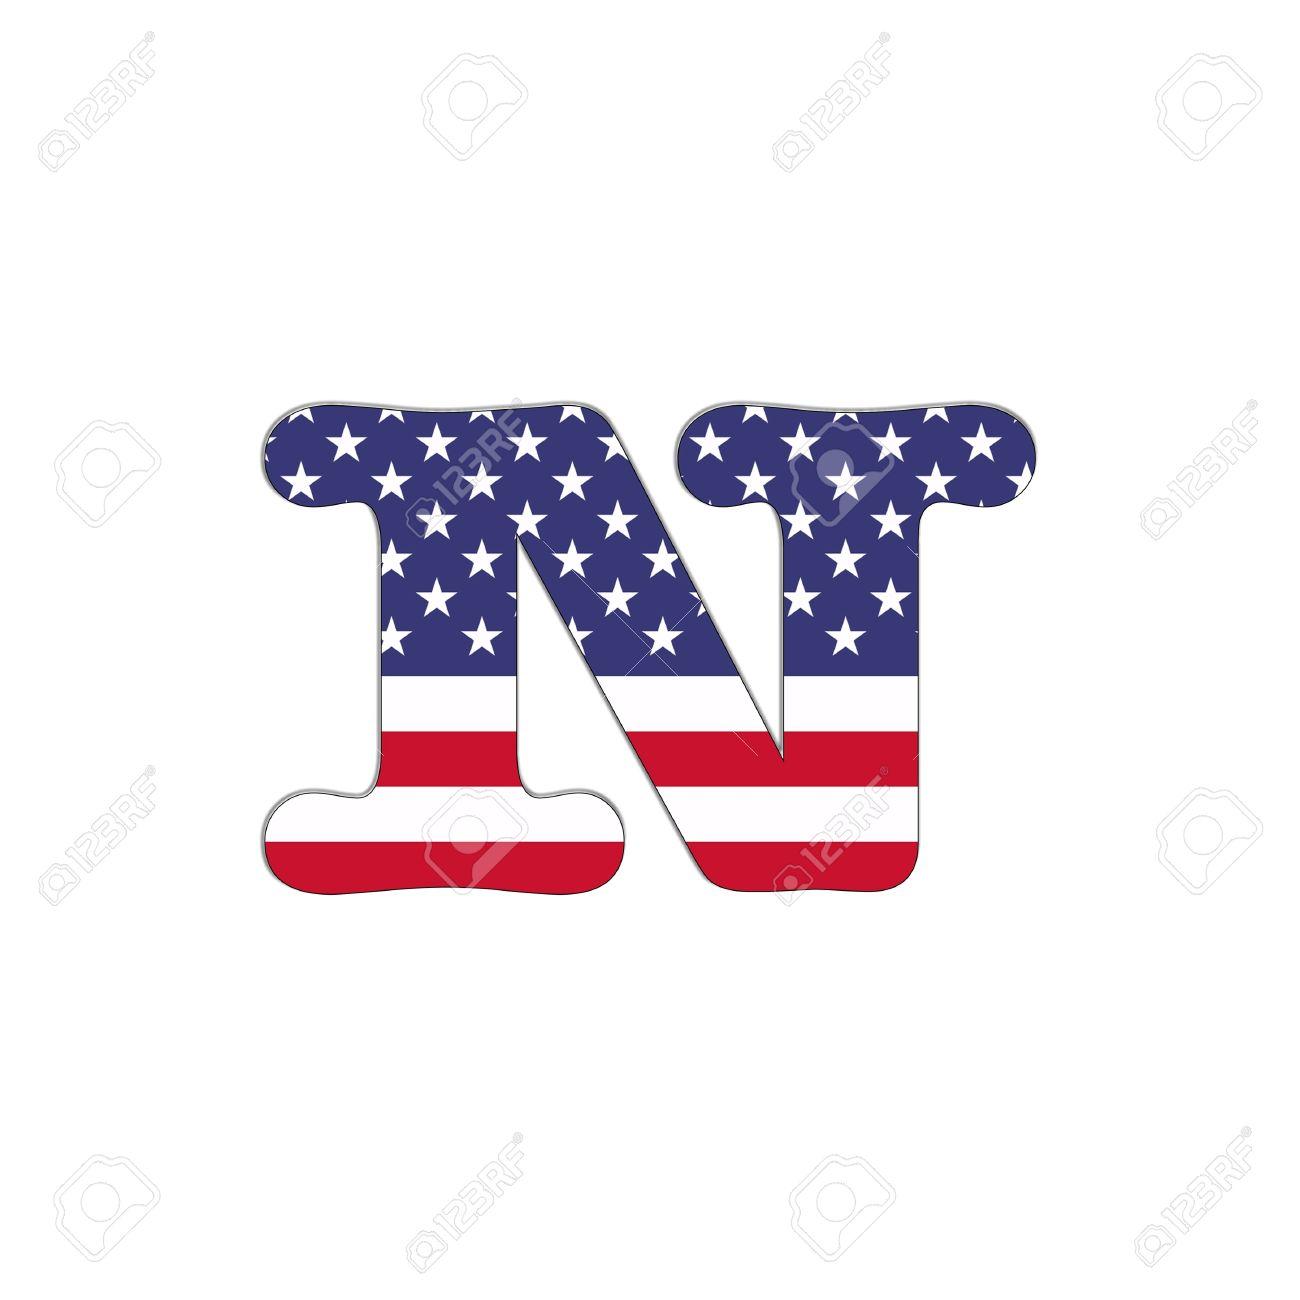 イラスト文字 N アメリカ Abc フラグ白い背景の上で の写真素材画像